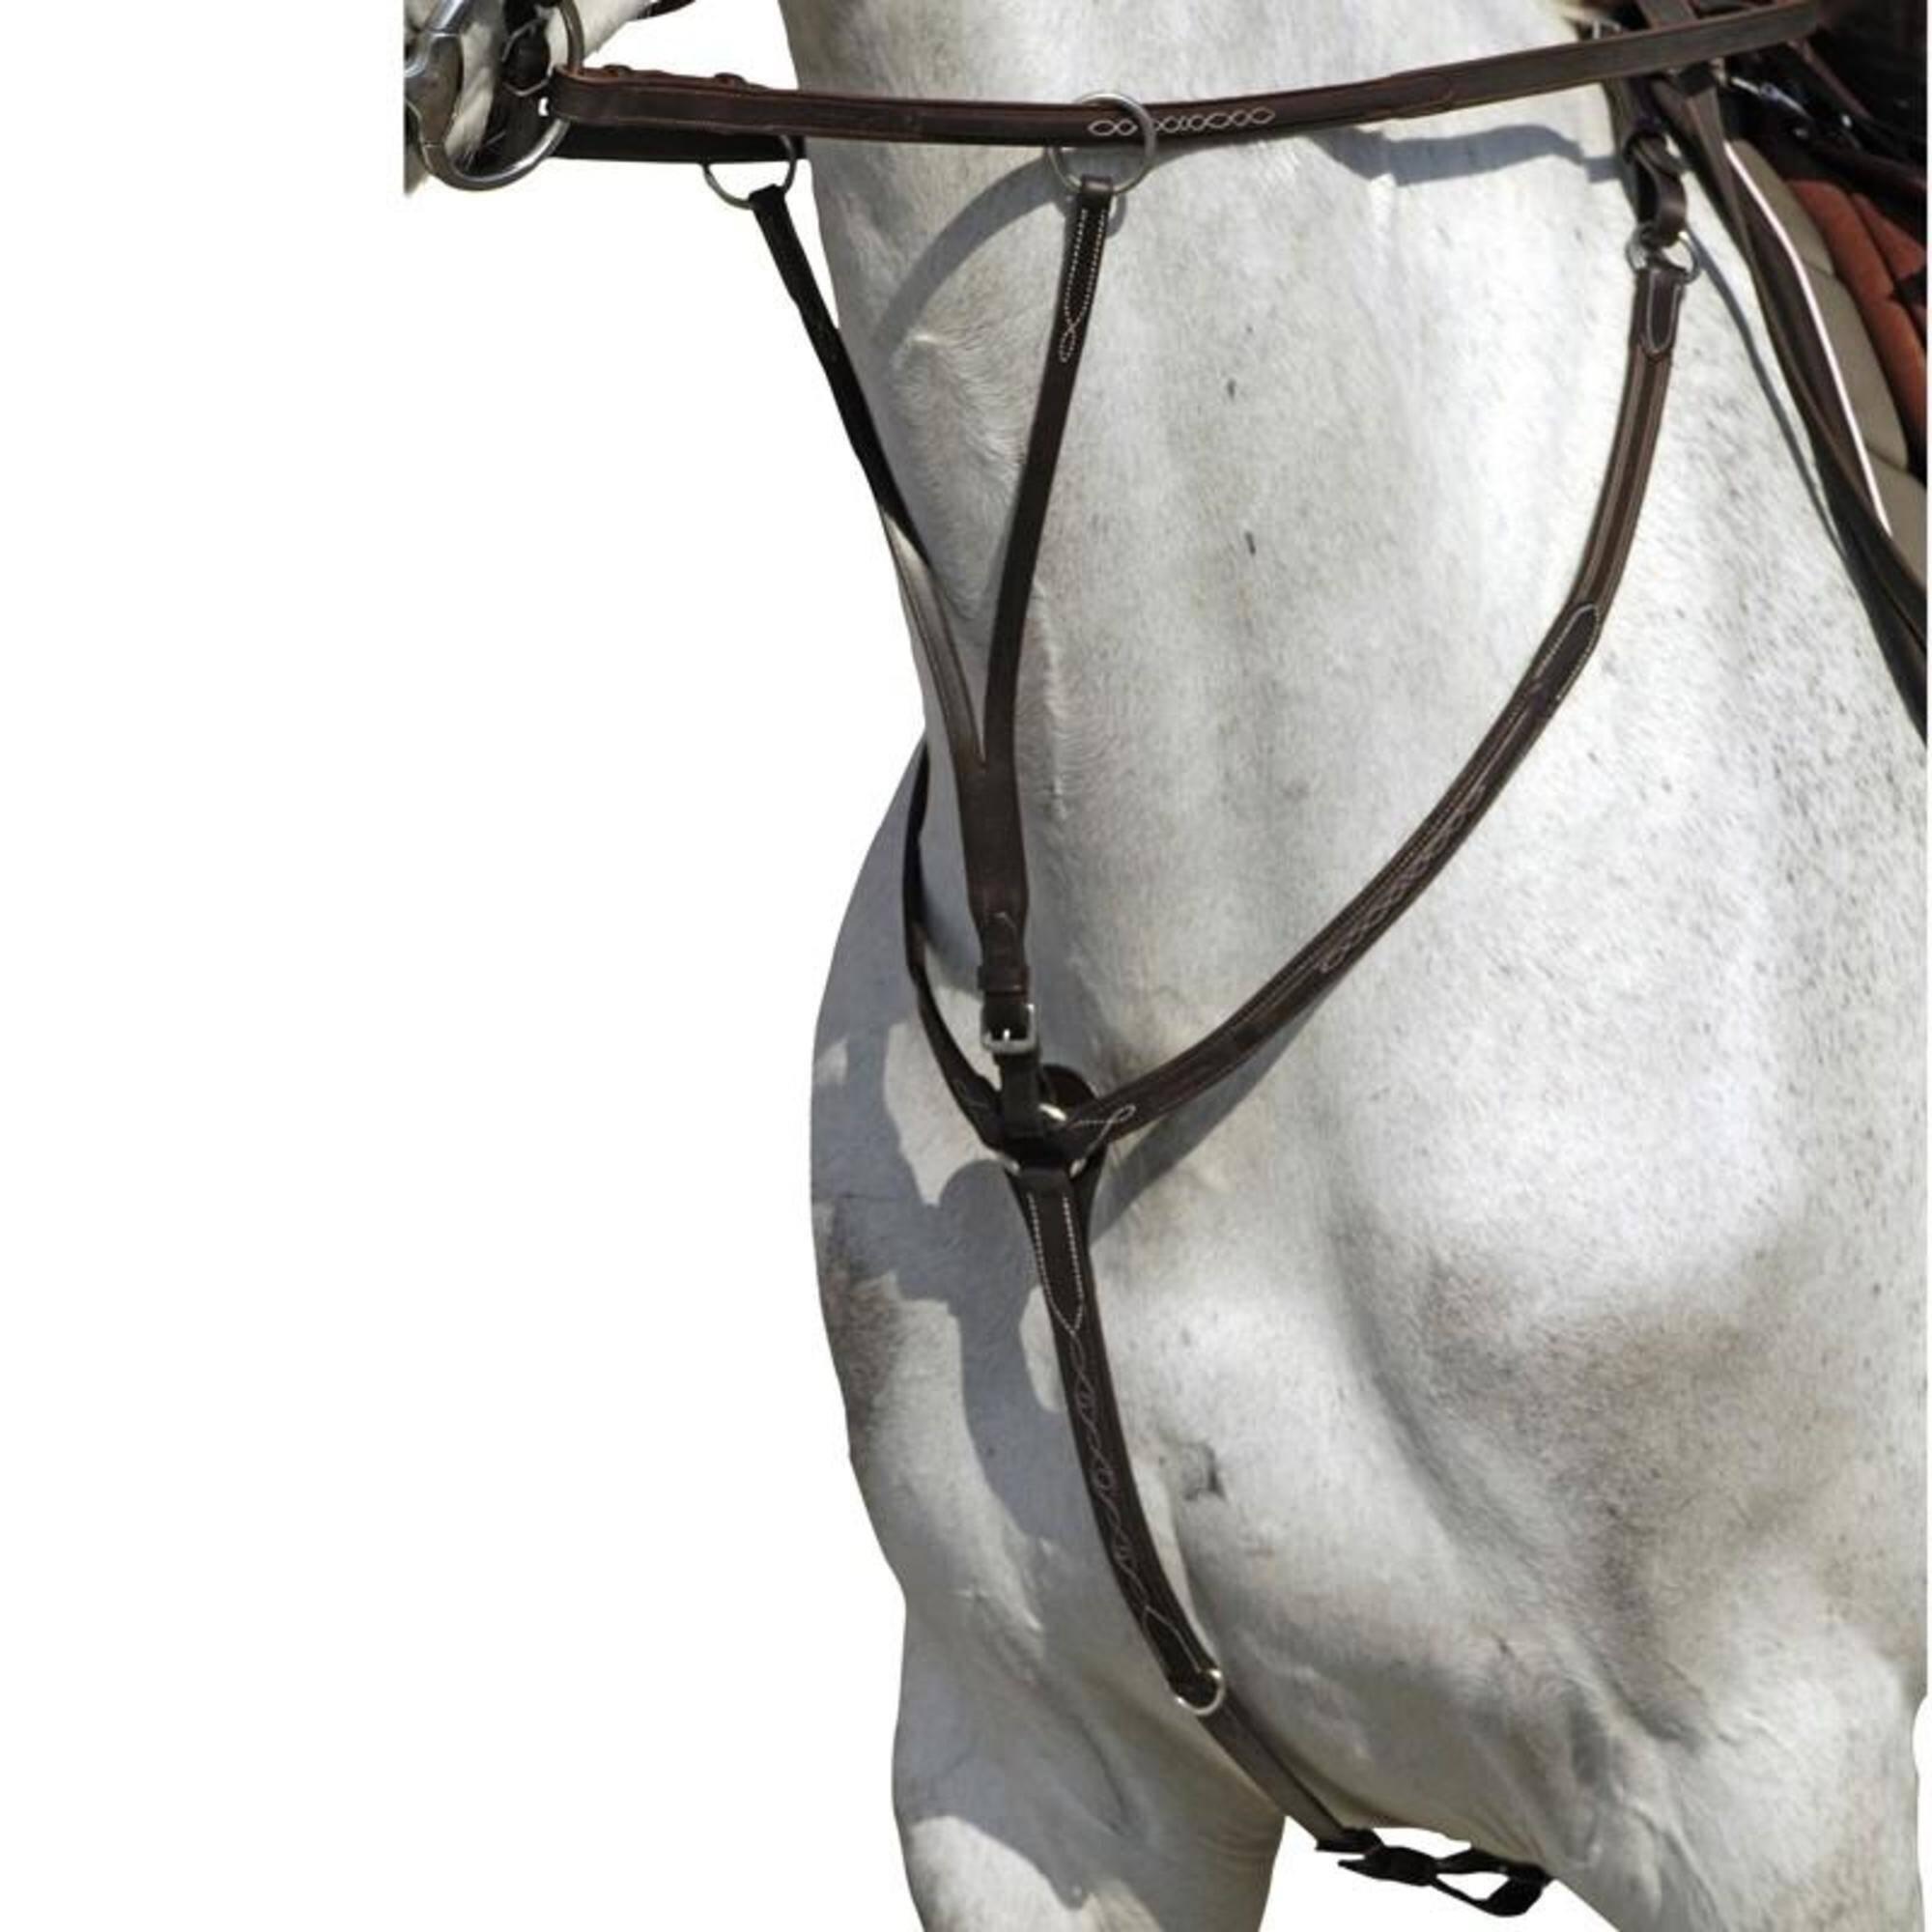 SEDLOVÉ VYBAVENÍ Jezdectví - POPRSNÍK A MARTINGAL ROMEO FOUGANZA - Vybavení pro koně